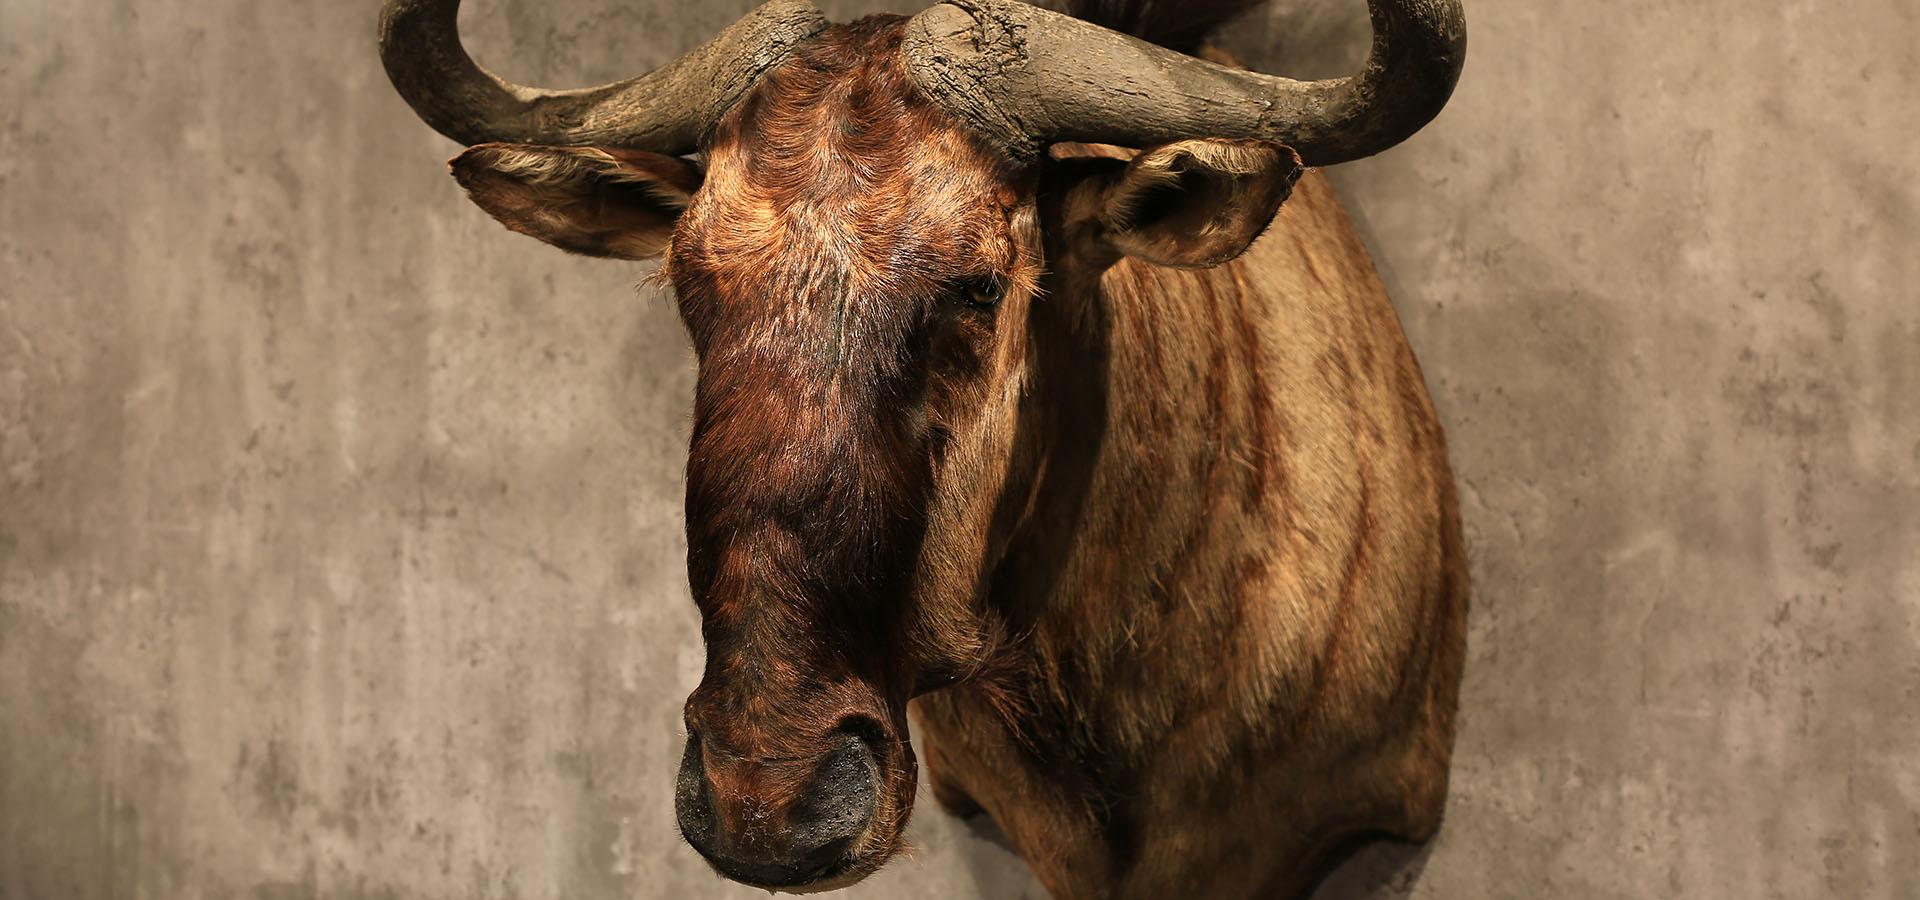 鴕鹿-麋鹿